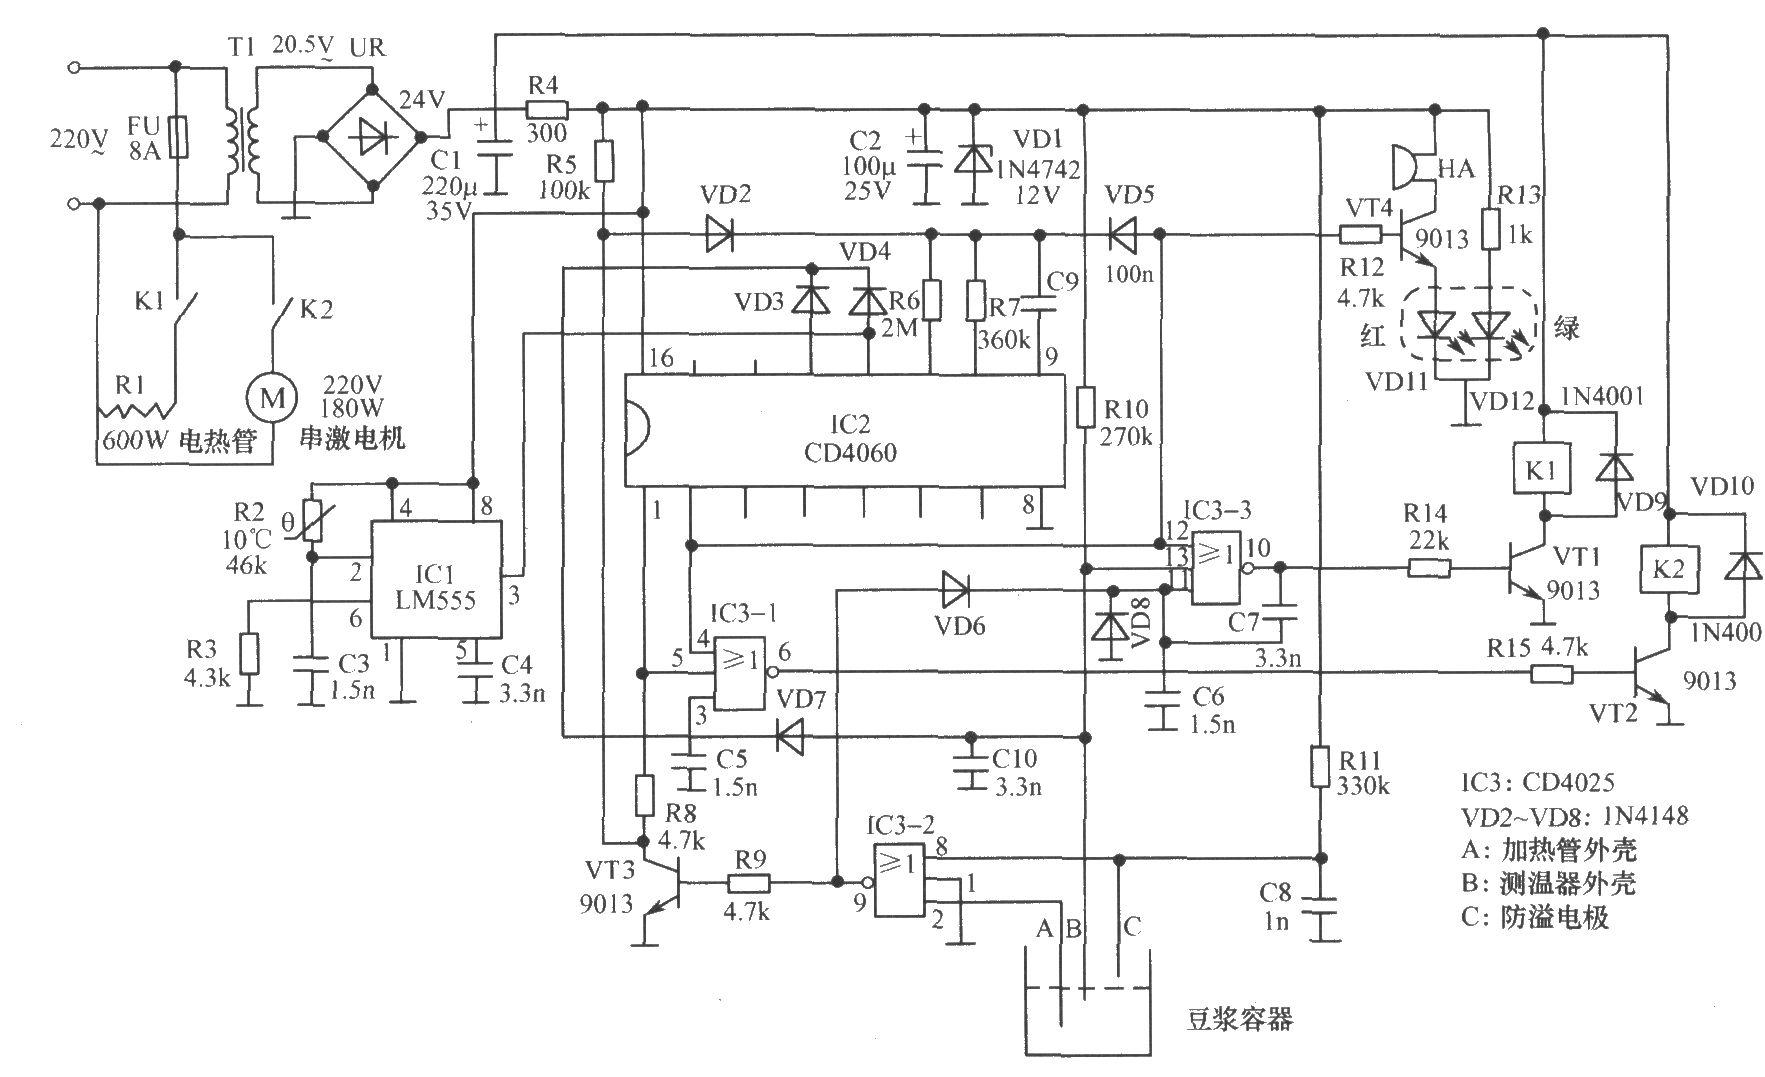 豆浆机的电路原理图